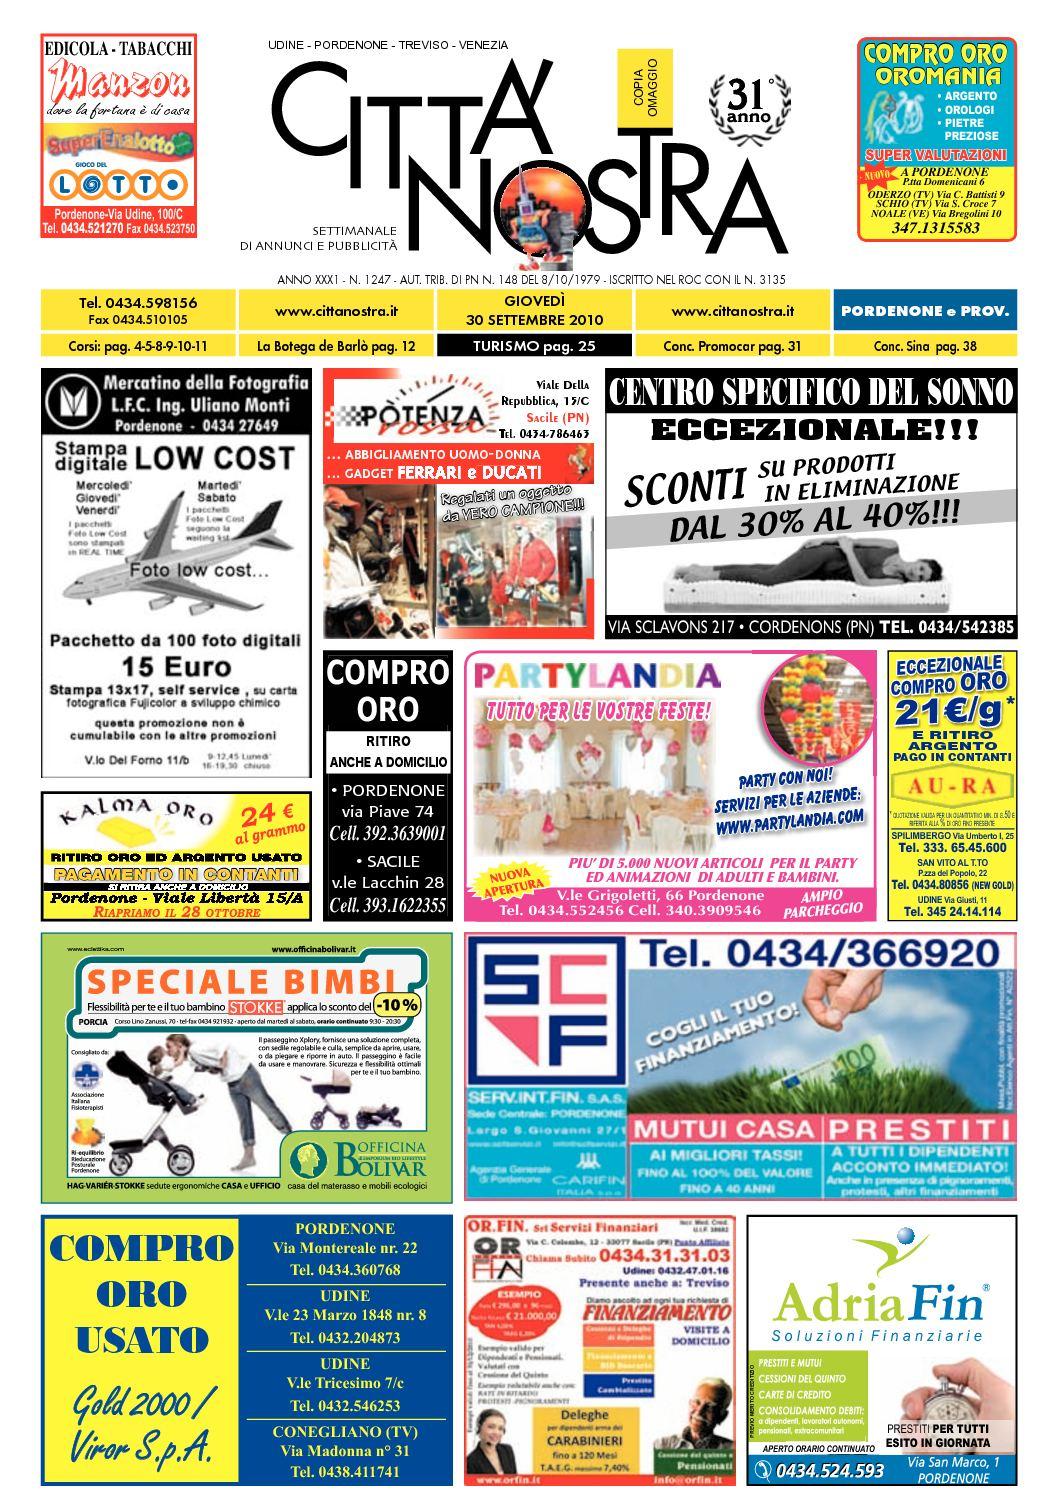 2010 Nostra Del Calaméo Pordenone 09 30 Città N1247 92IDEWH